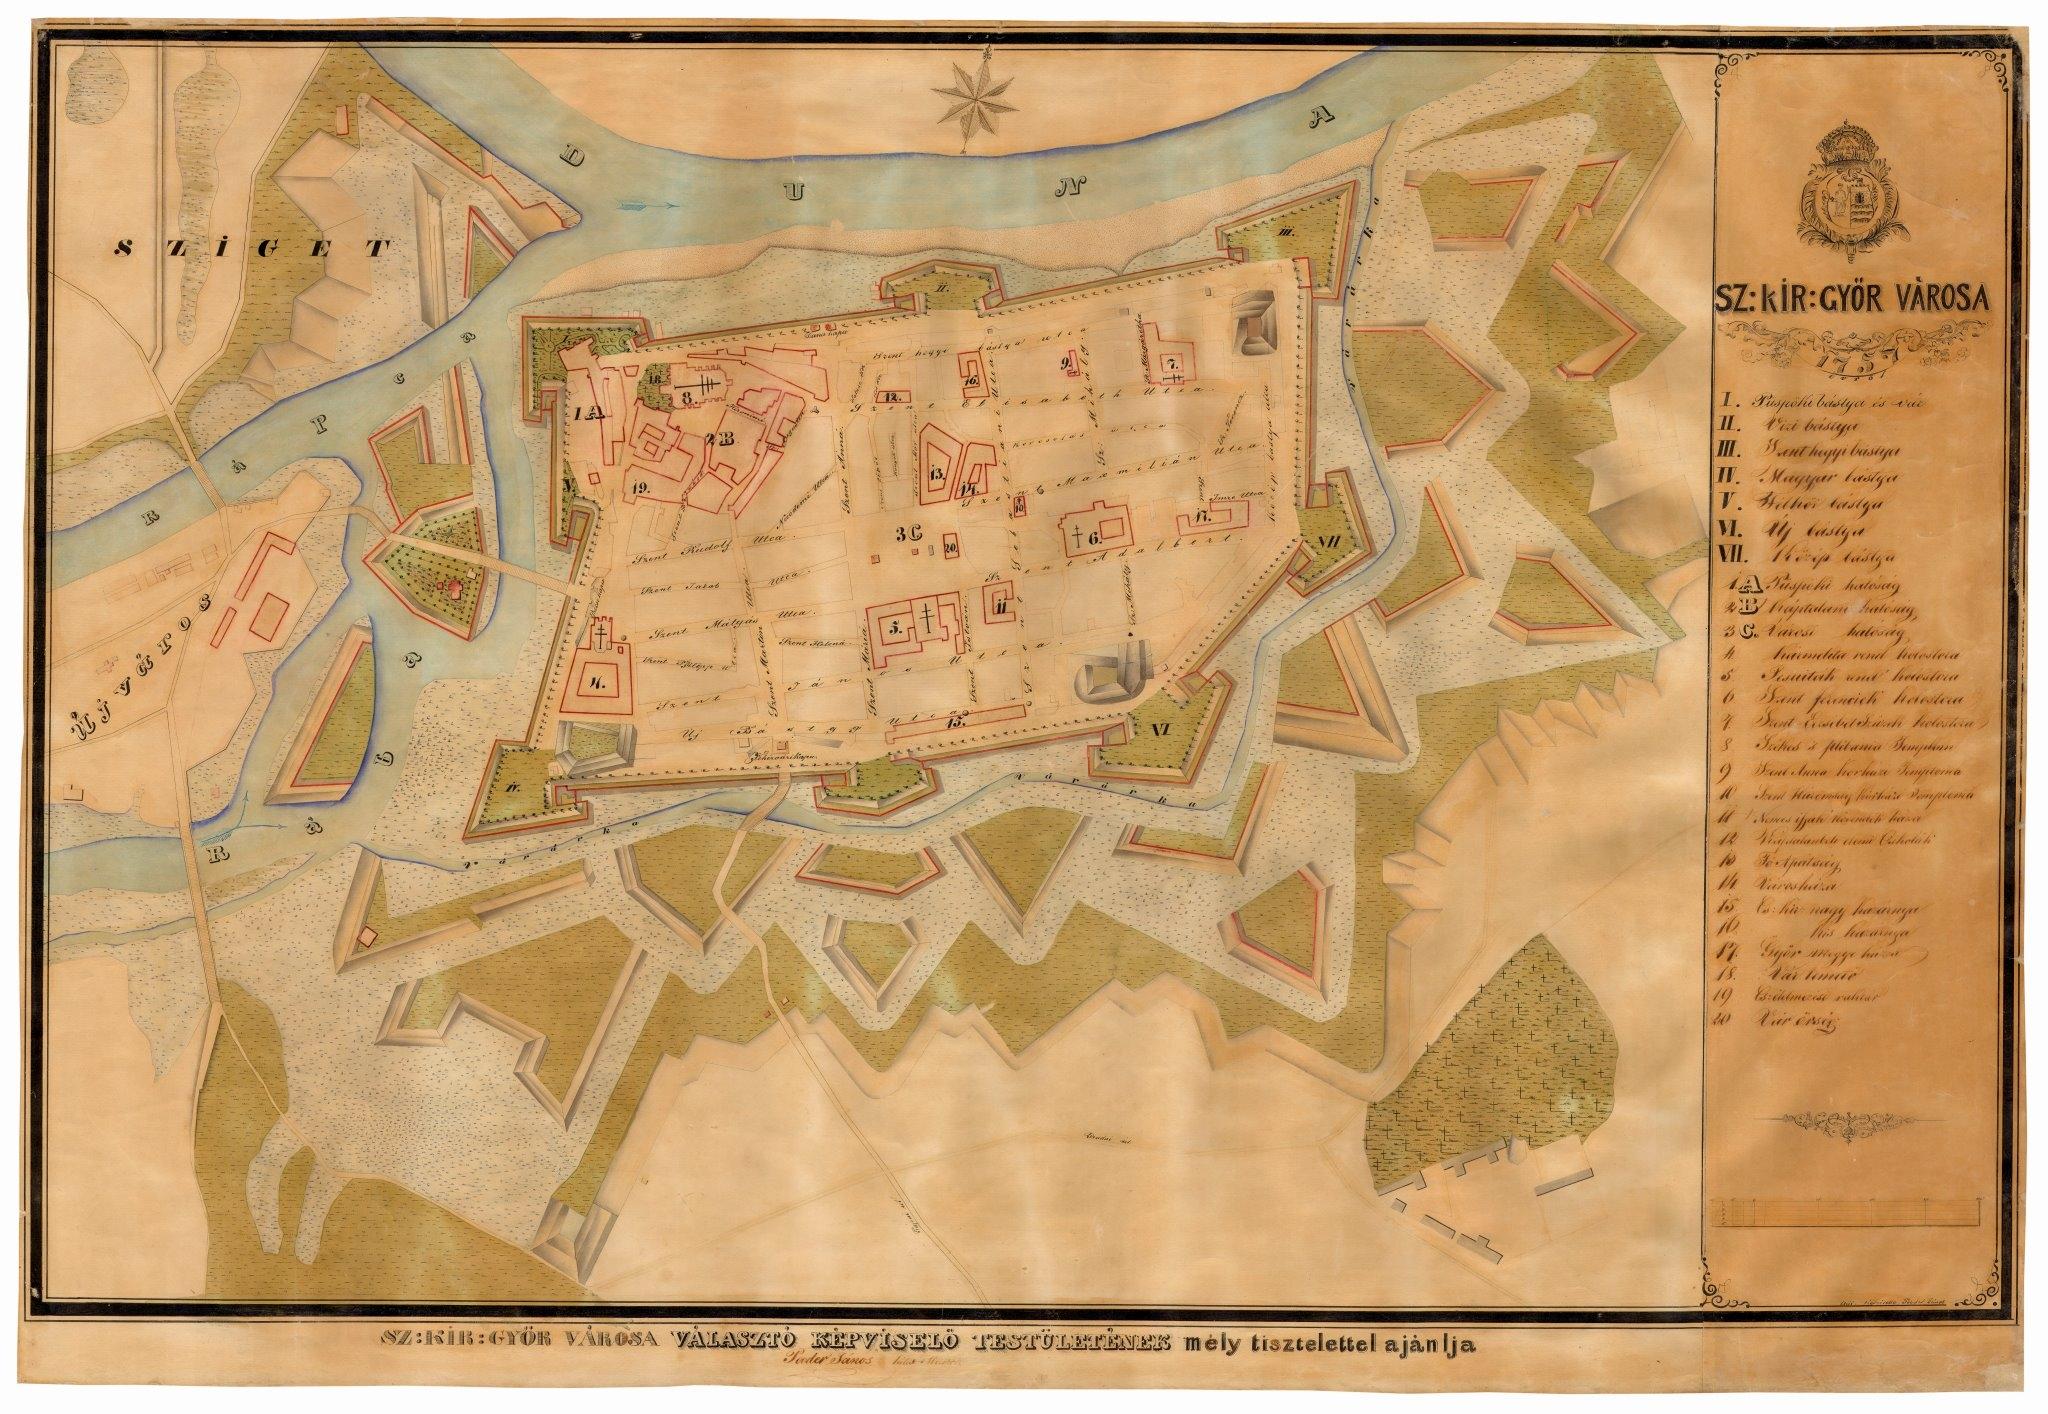 győrújbarát térkép Erődből gyárváros   Győr városföldrajza az 1970 es évekig   Pangea győrújbarát térkép